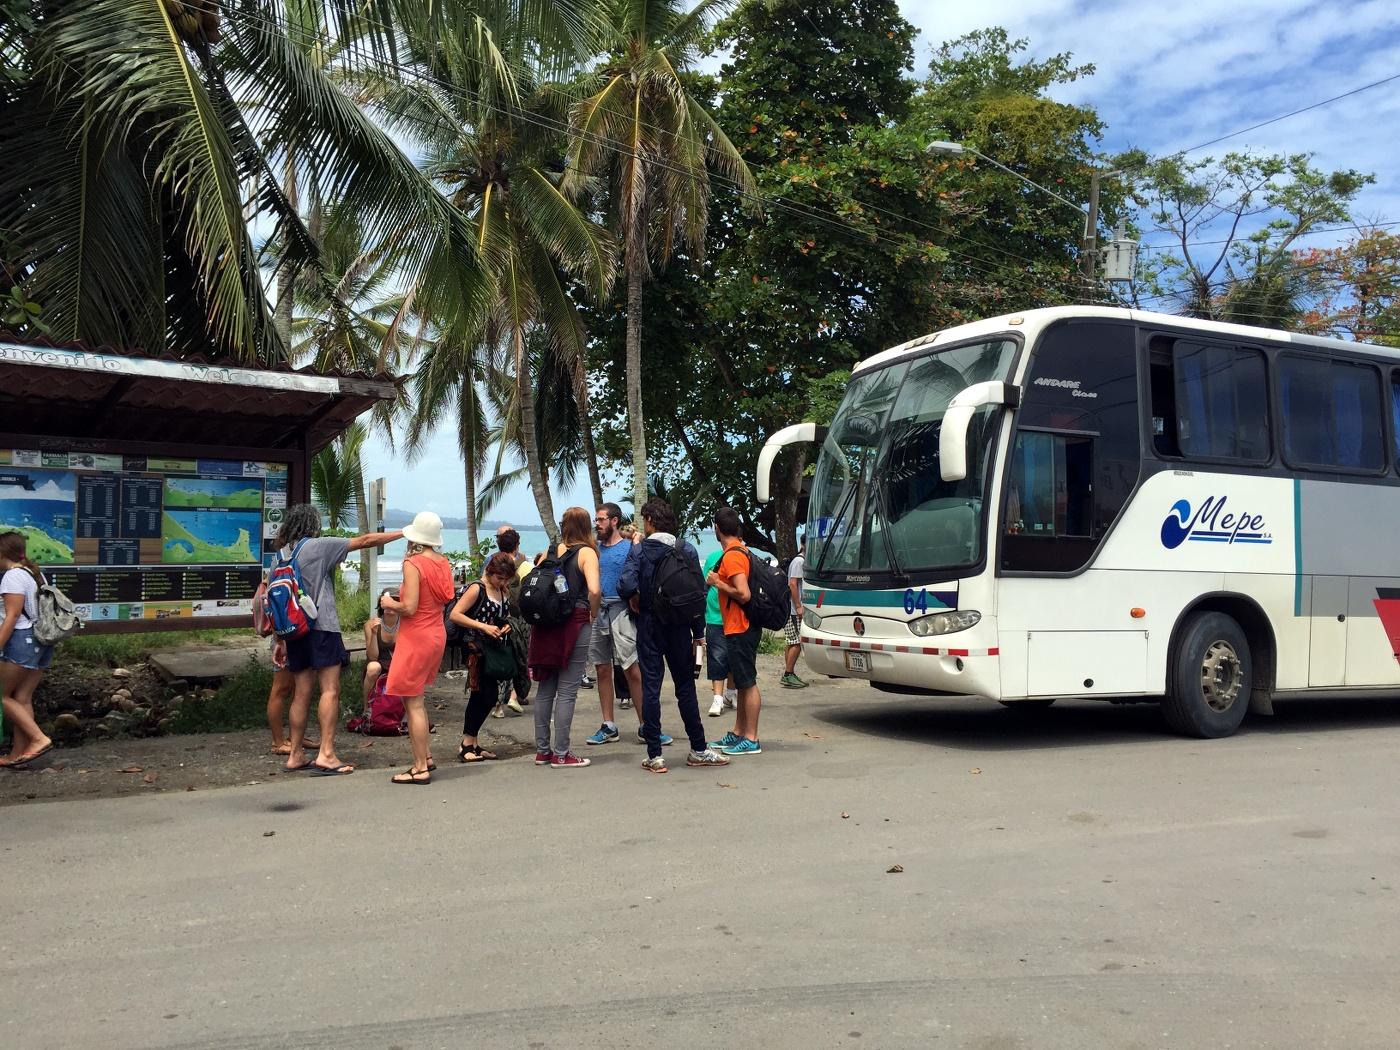 MEPE bus Puerto Viejo